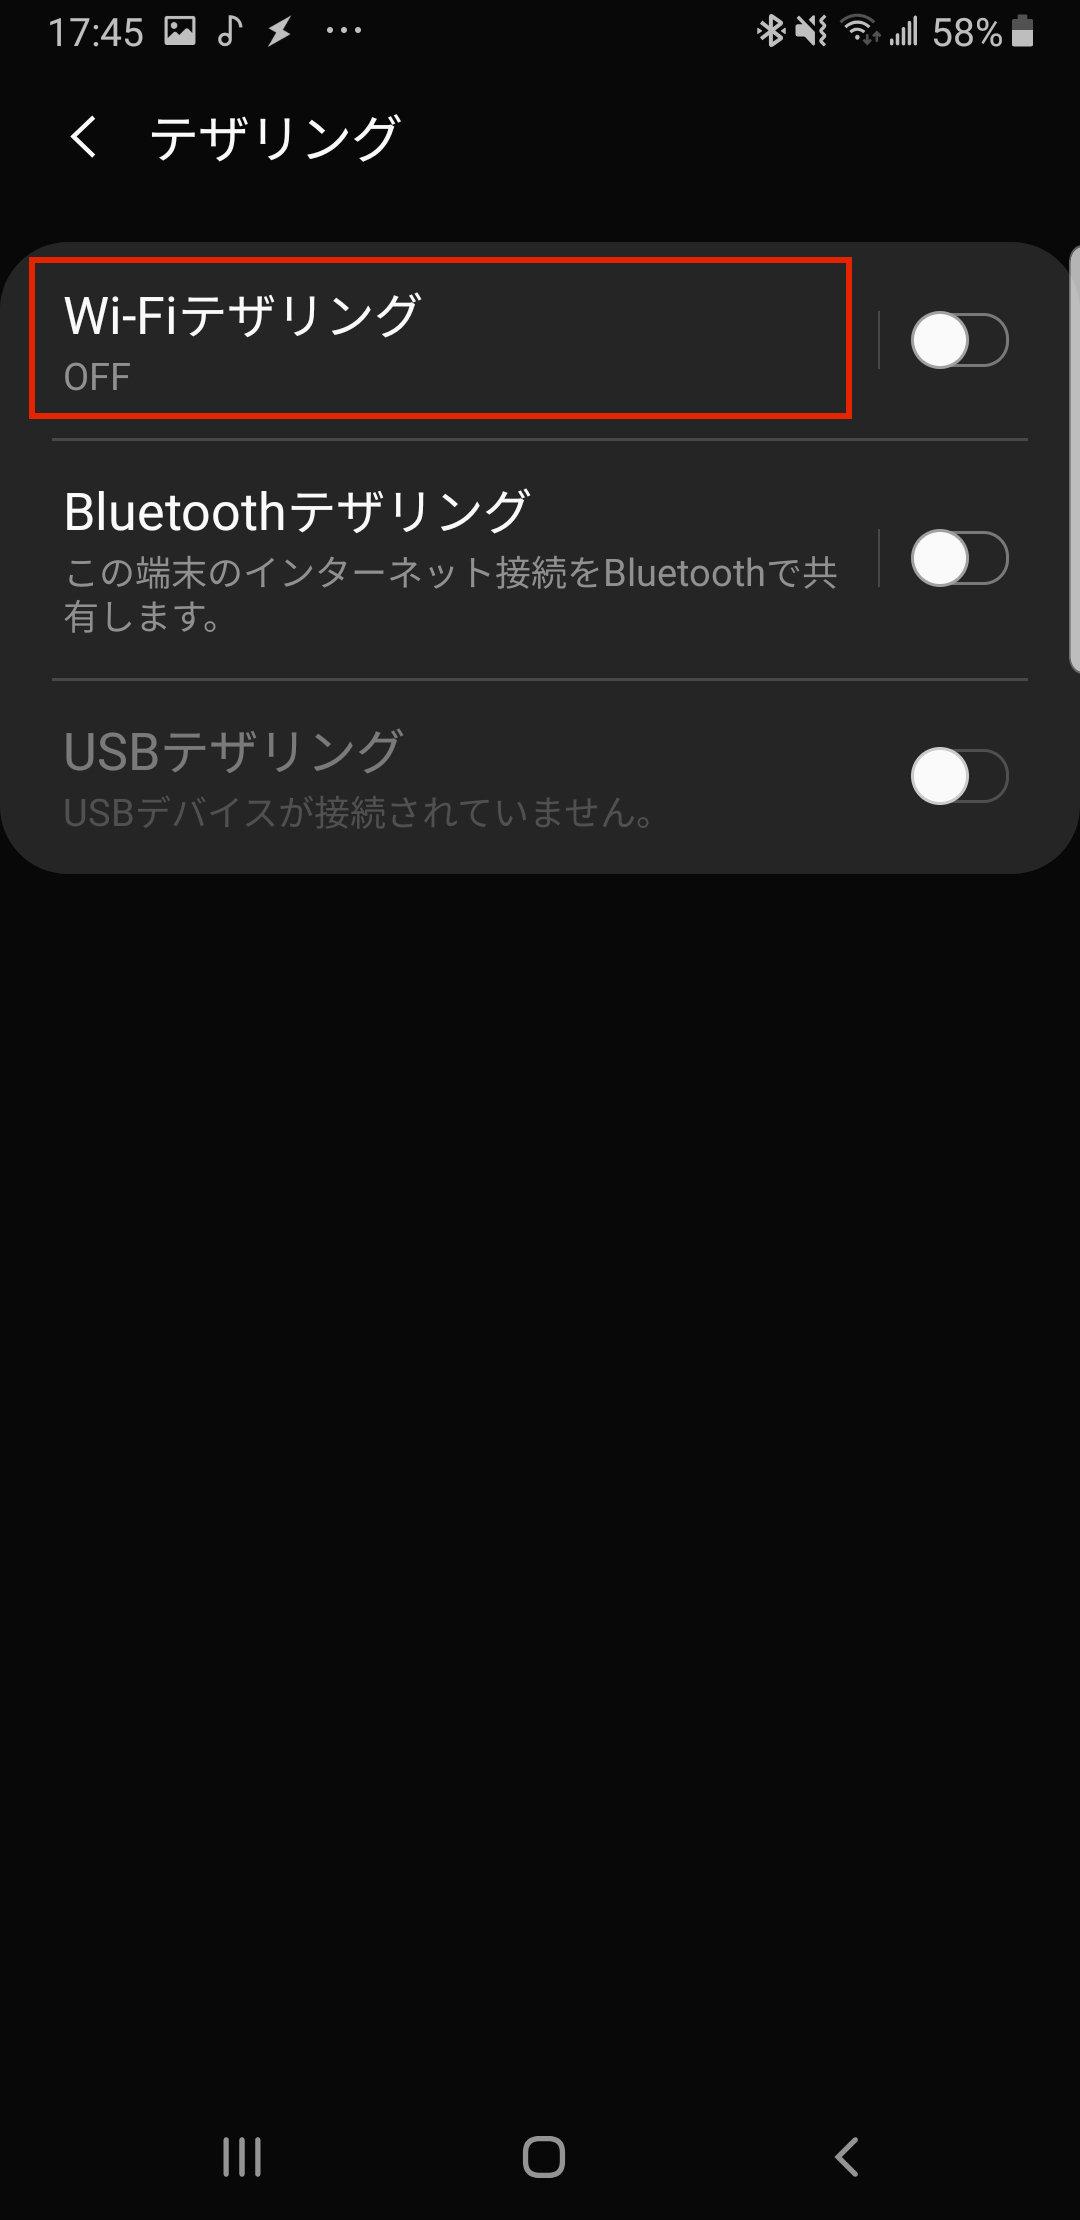 画像3: AndroidスマホをWi-Fi中継機化する場合